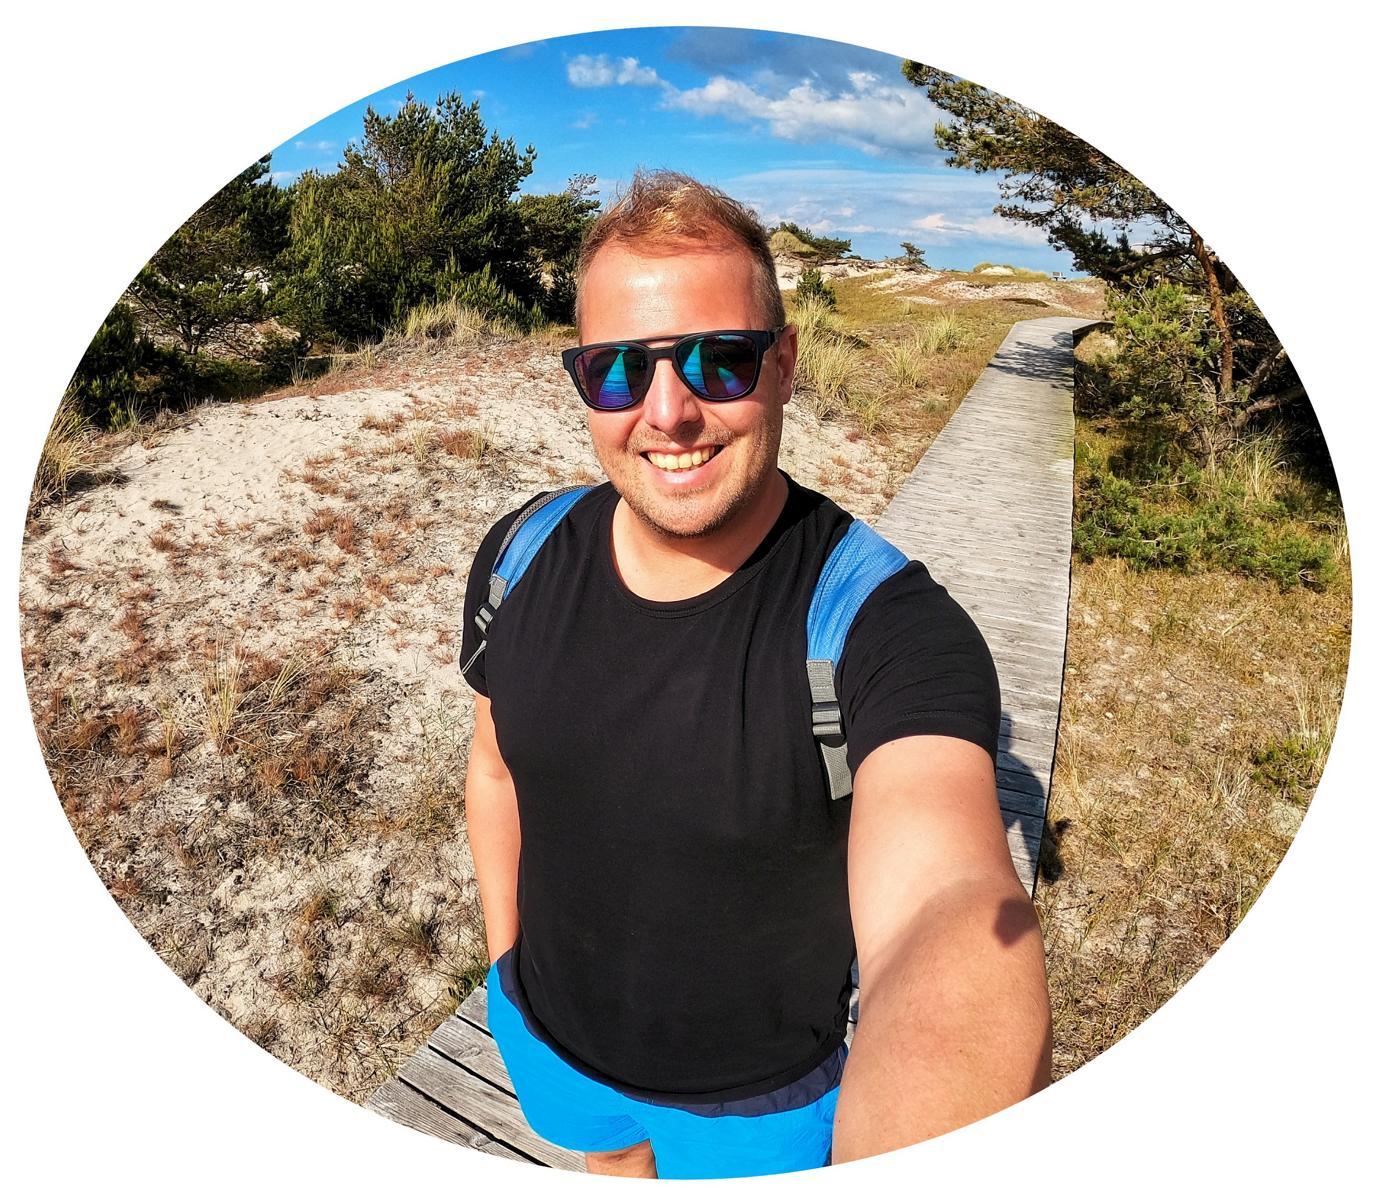 Reiseblog TravelTelling Matthias Derhake